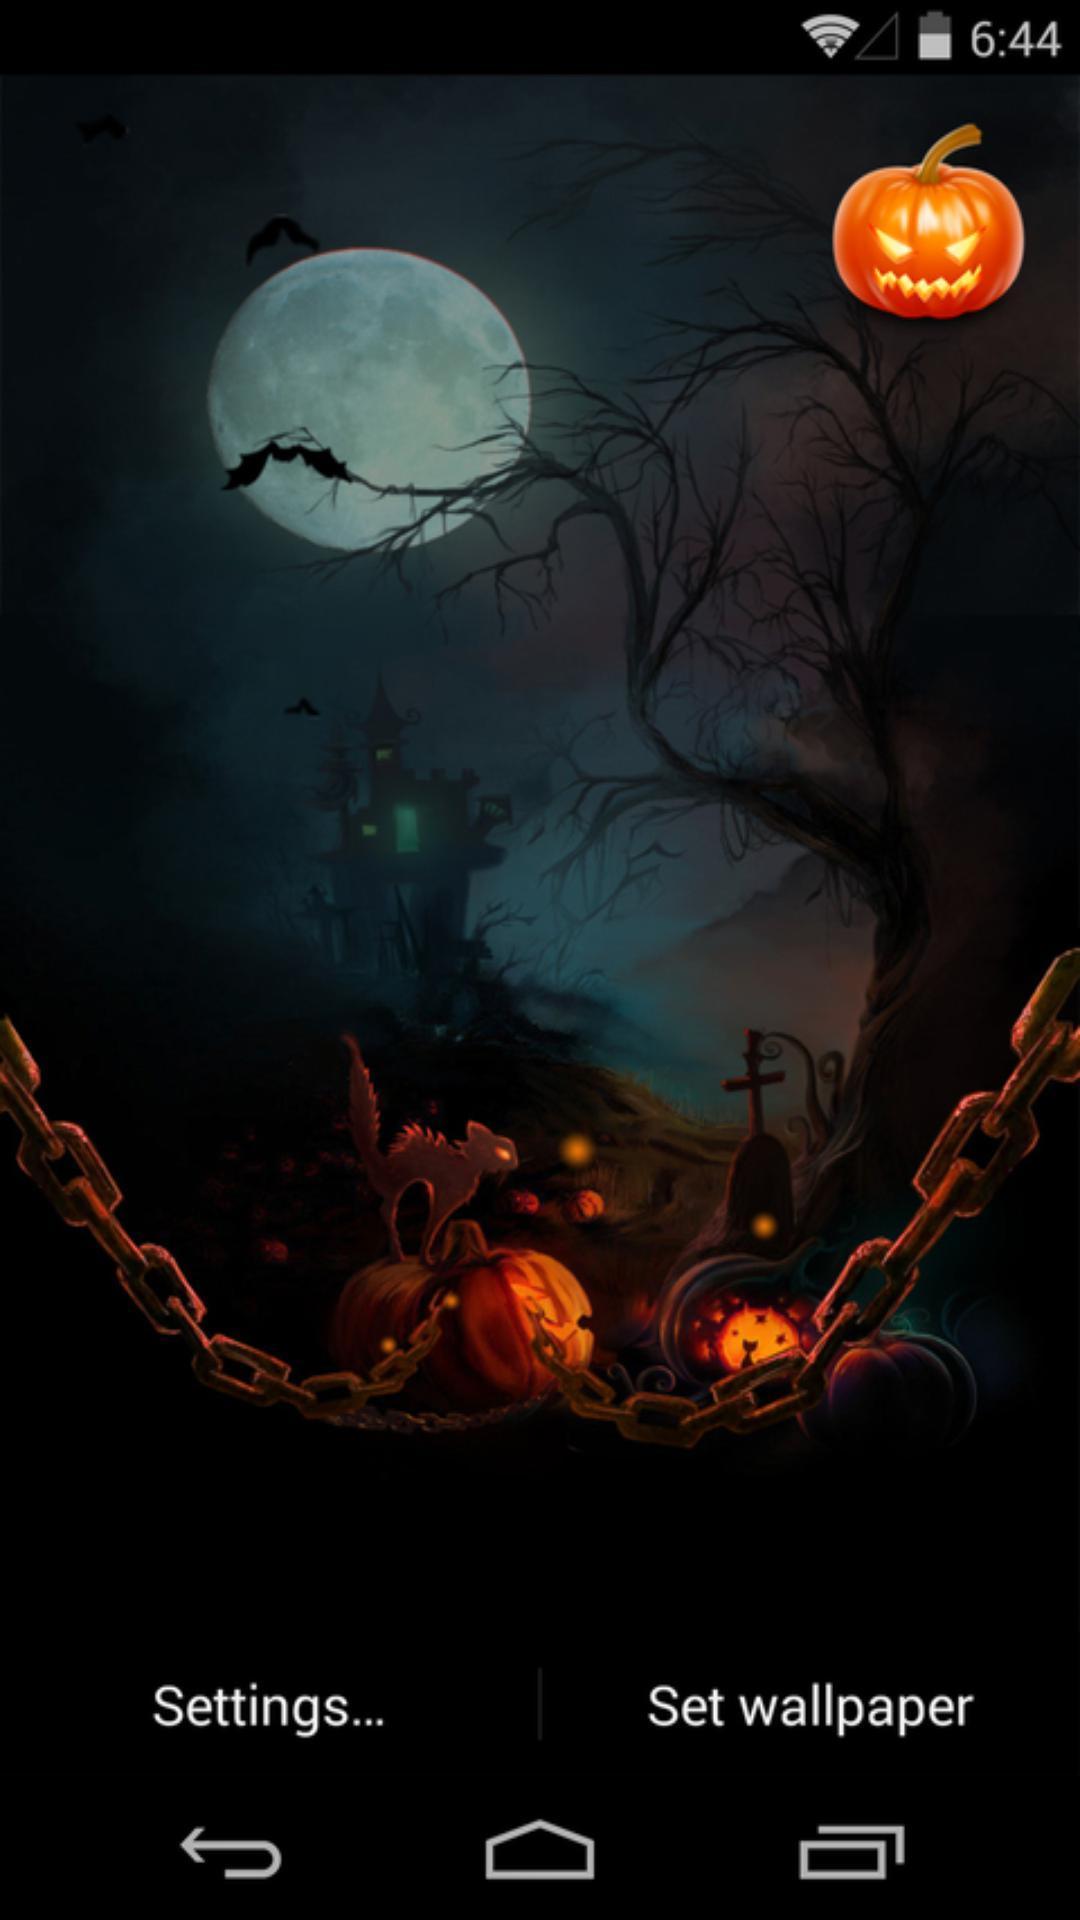 月黑风高夜-梦象动态壁纸